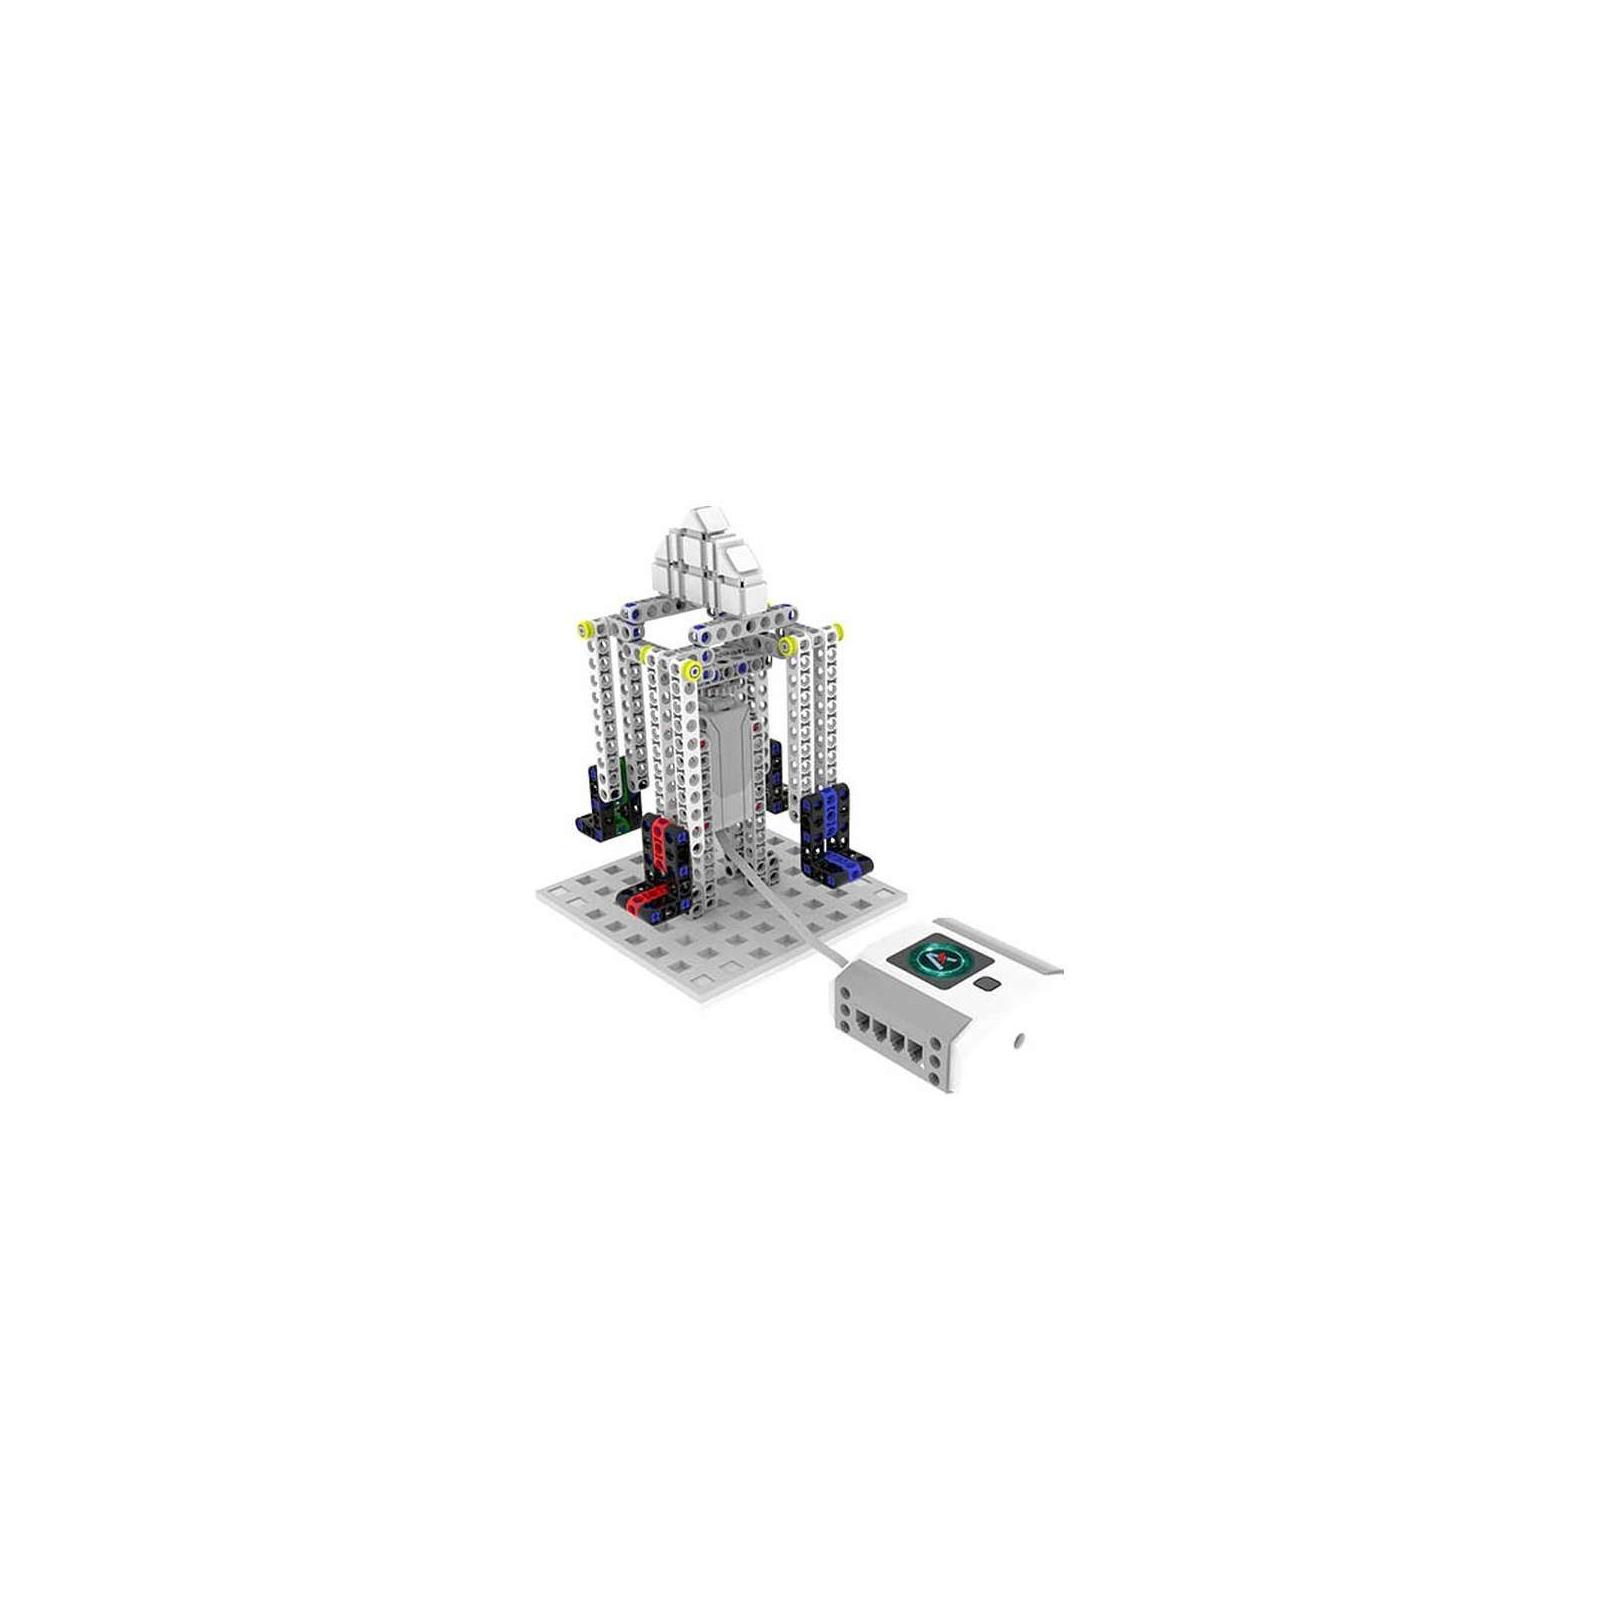 Робот Abilix Krypton 5 (Krypton_5) изображение 5